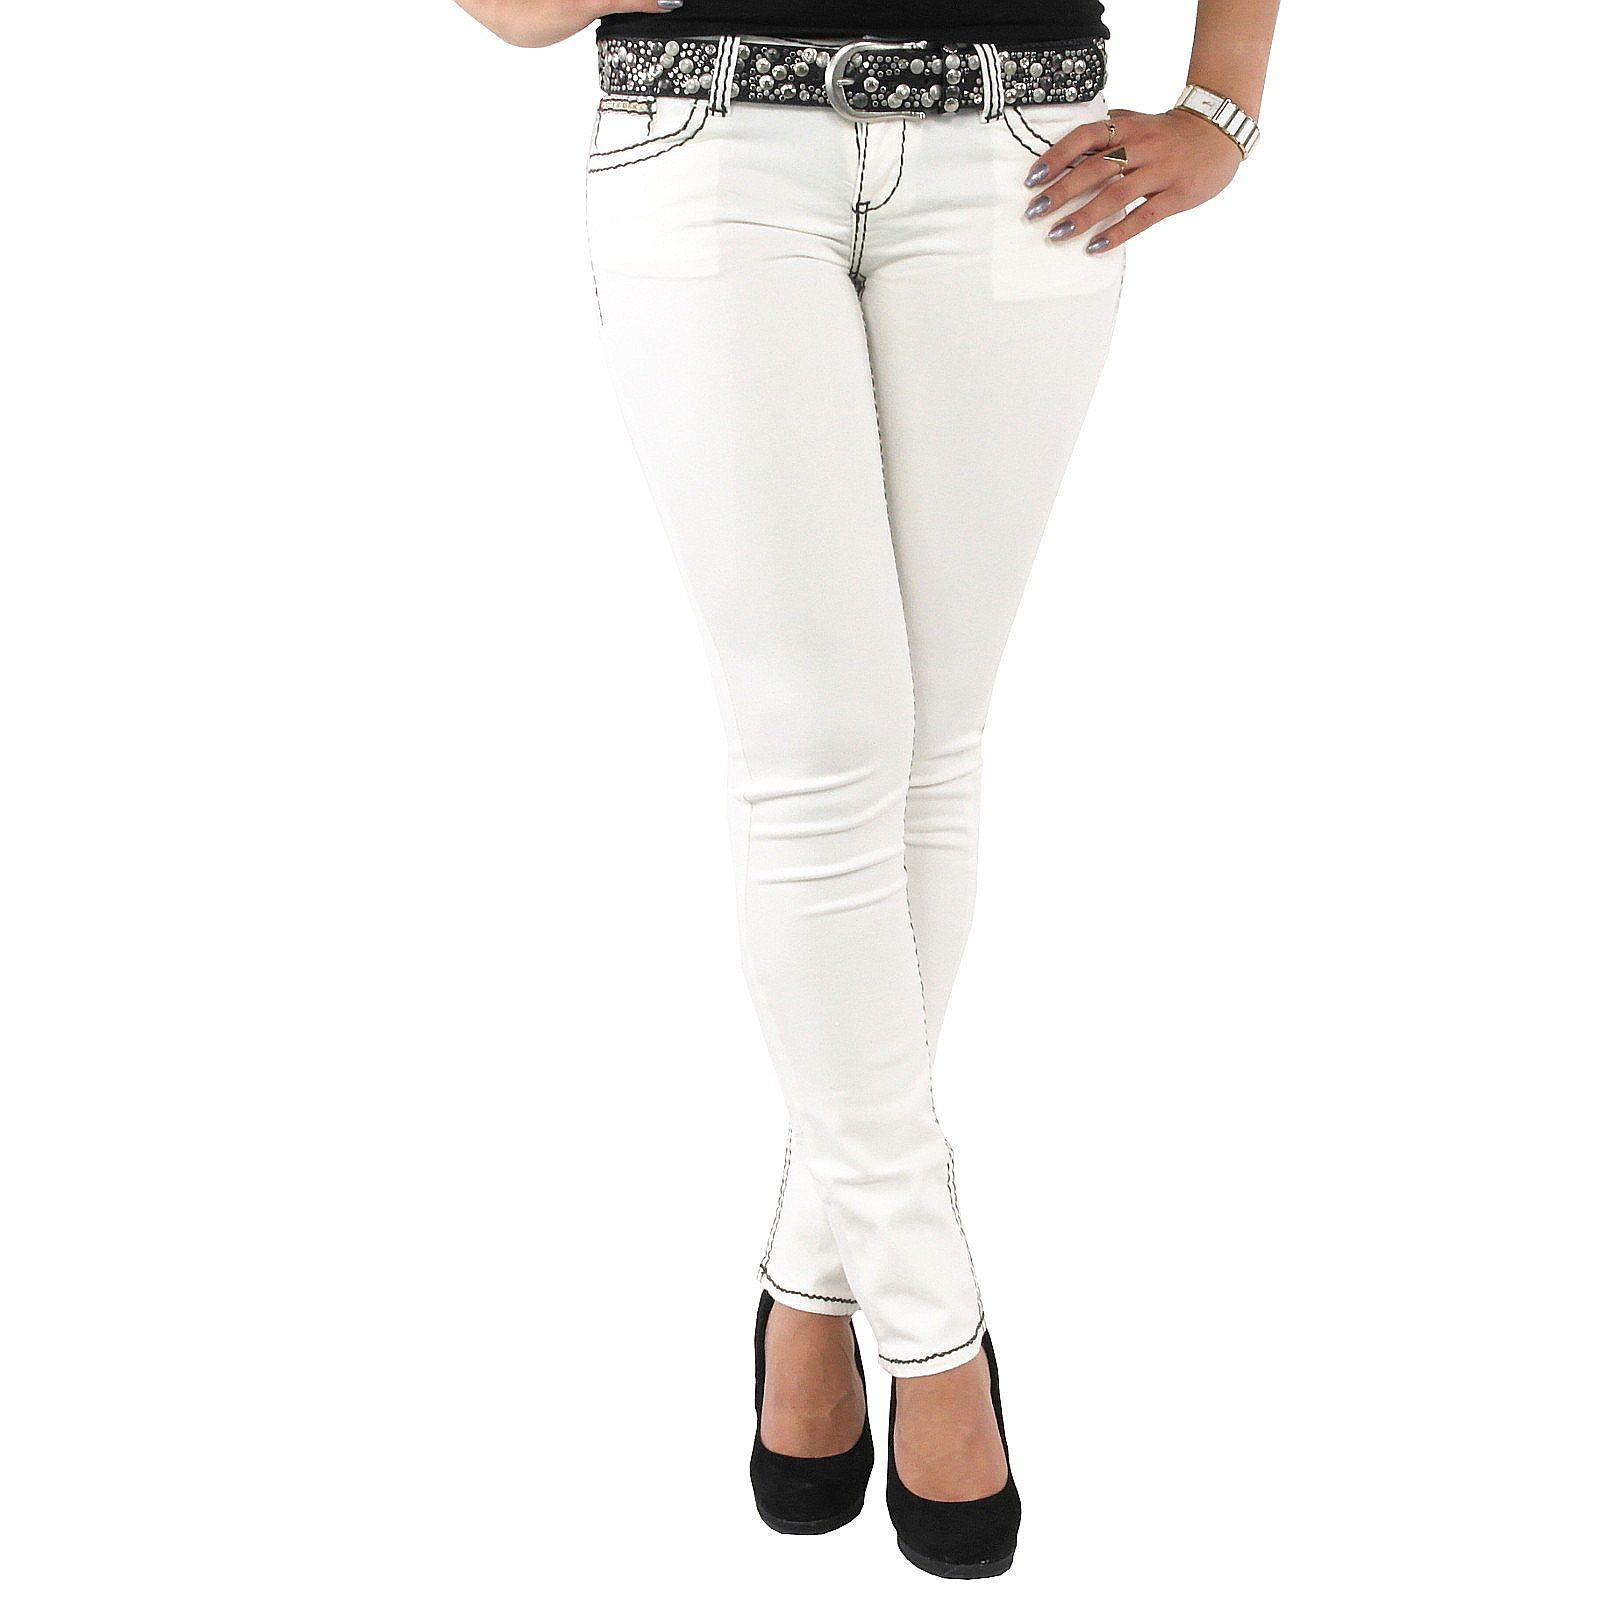 8260e1bba9ba Schöne Damen Jeanshose in weiß Stylefabrik Fashion mit schwarzen ...